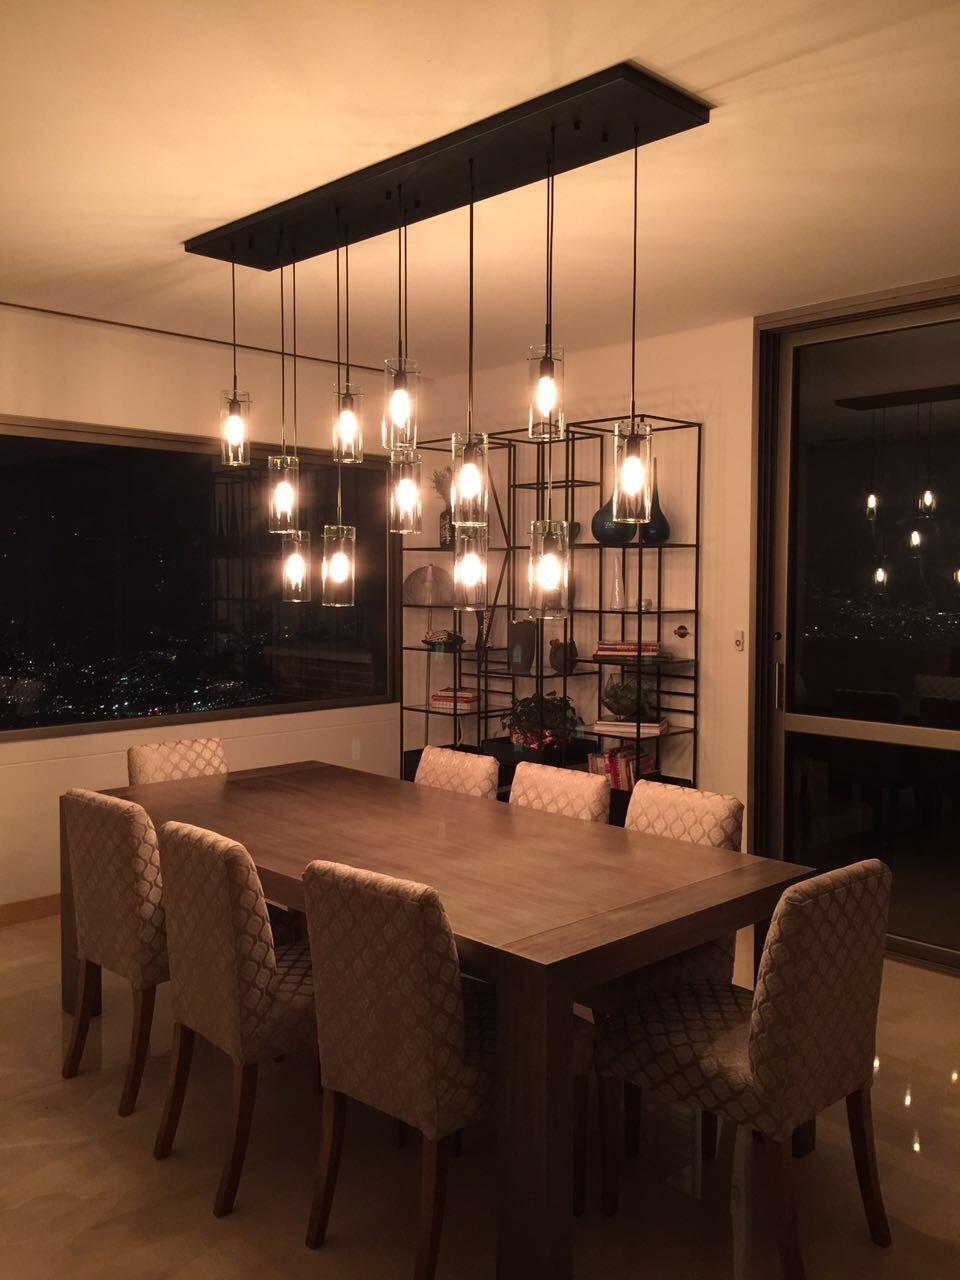 Lámparas colgantes | Iluminación residencial | Lámparas decorativas |  Iluminación de la sala de comedor, Iluminación de comedor, Interior de  comedor